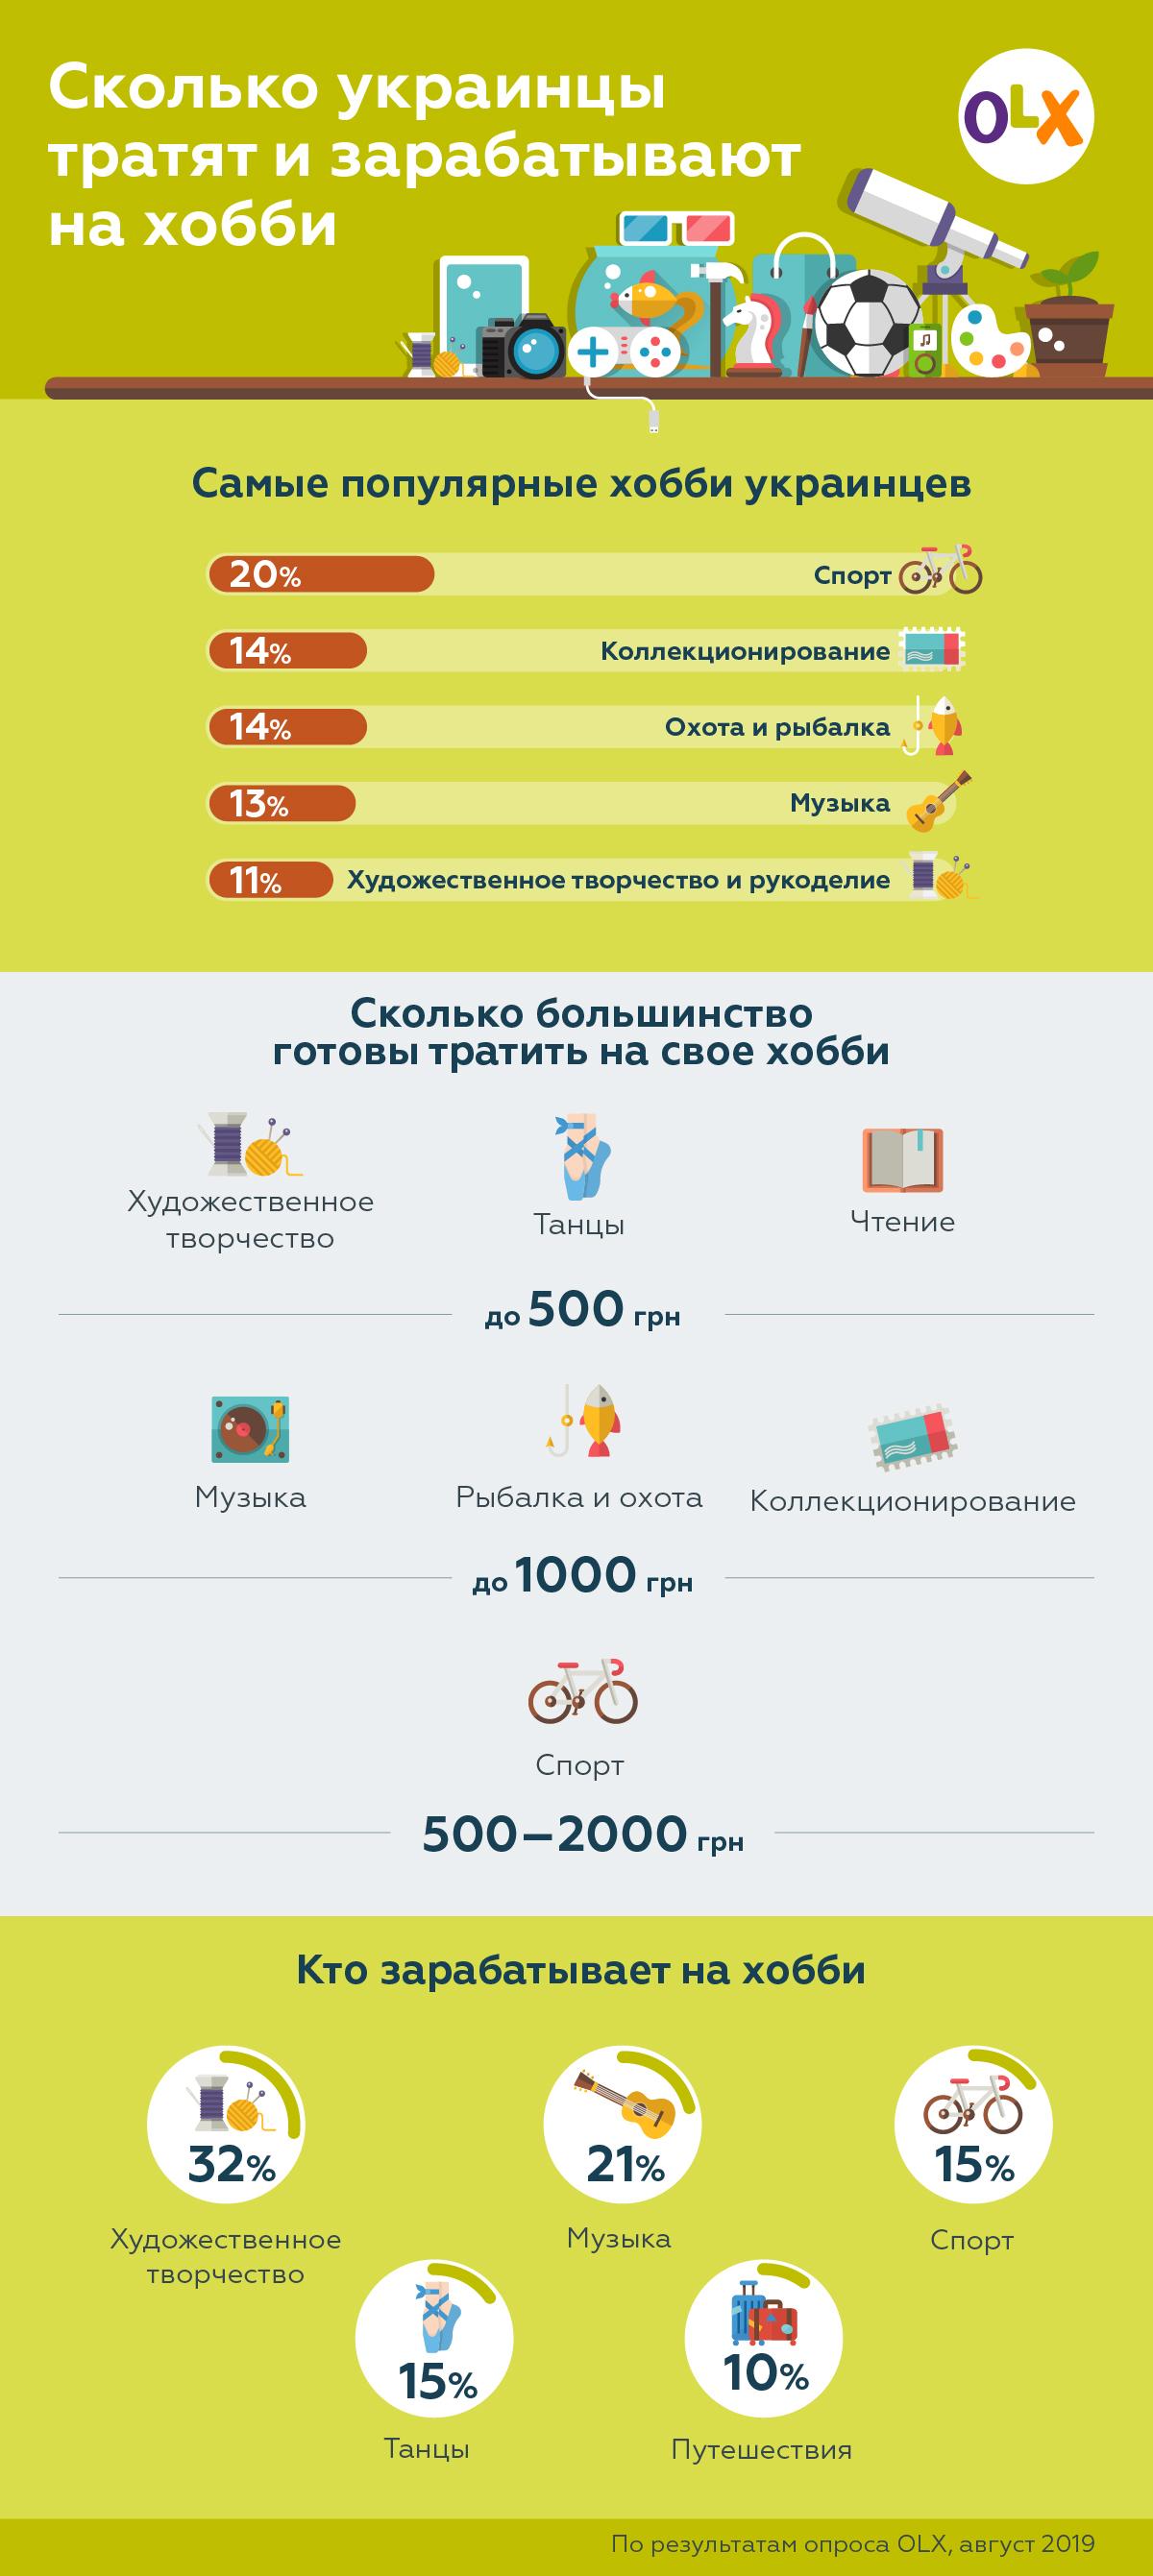 Все о хобби жителей Украины - в одной инфографике